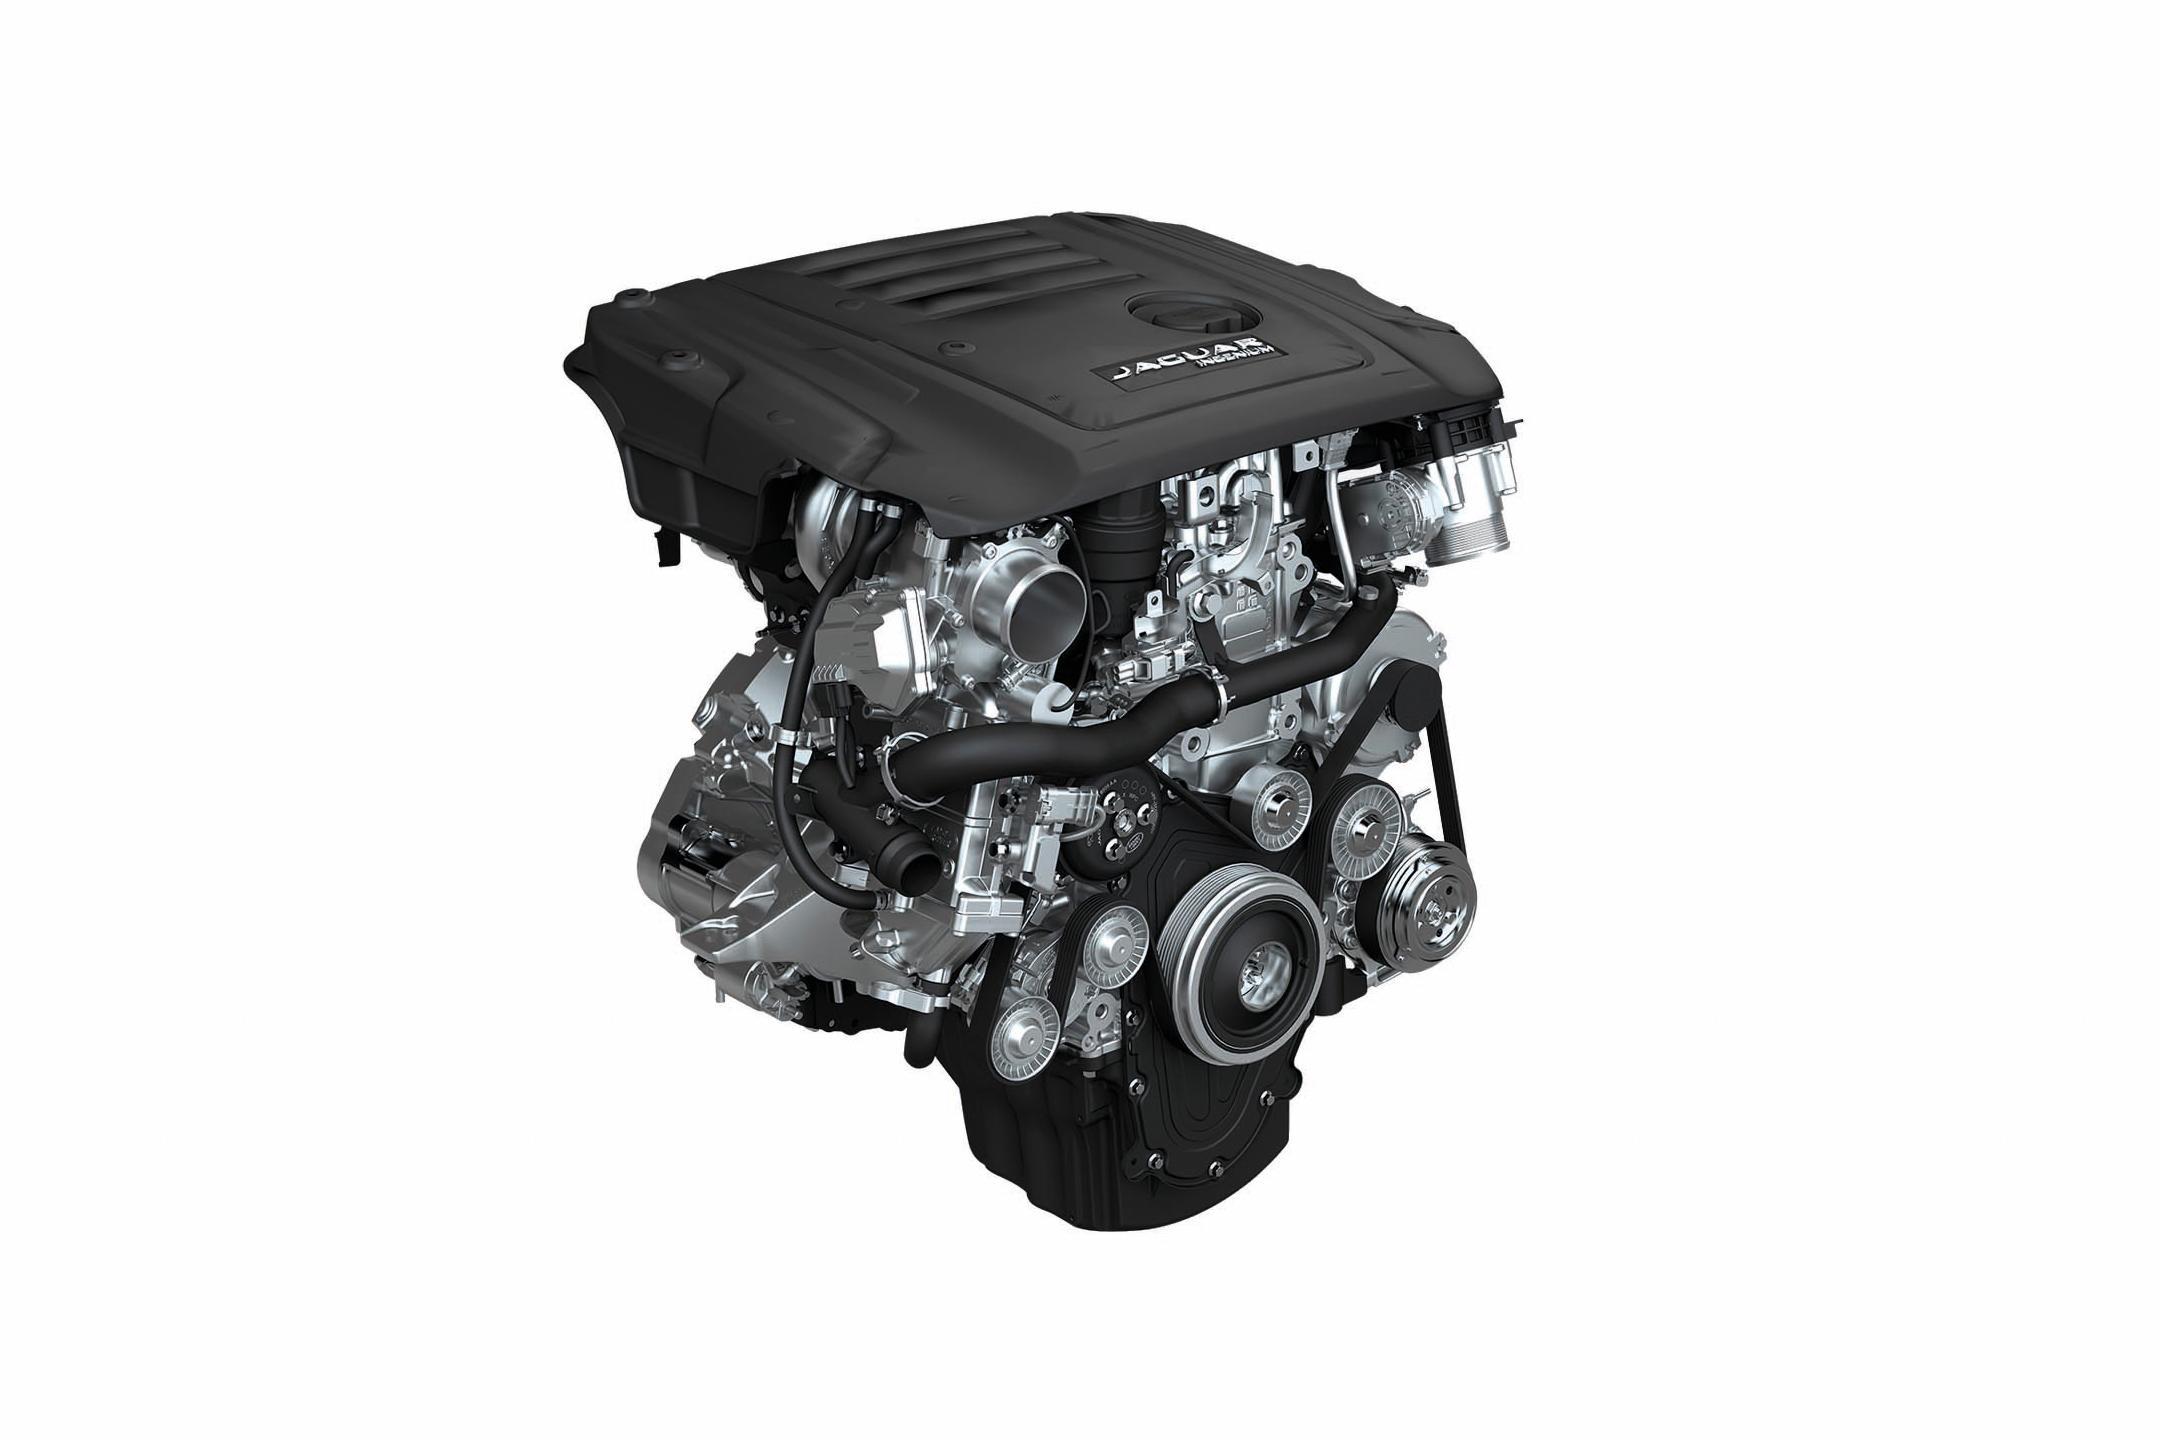 Jaguar E-PACE - 2017 - engine / moteur - Ingenium Diesel